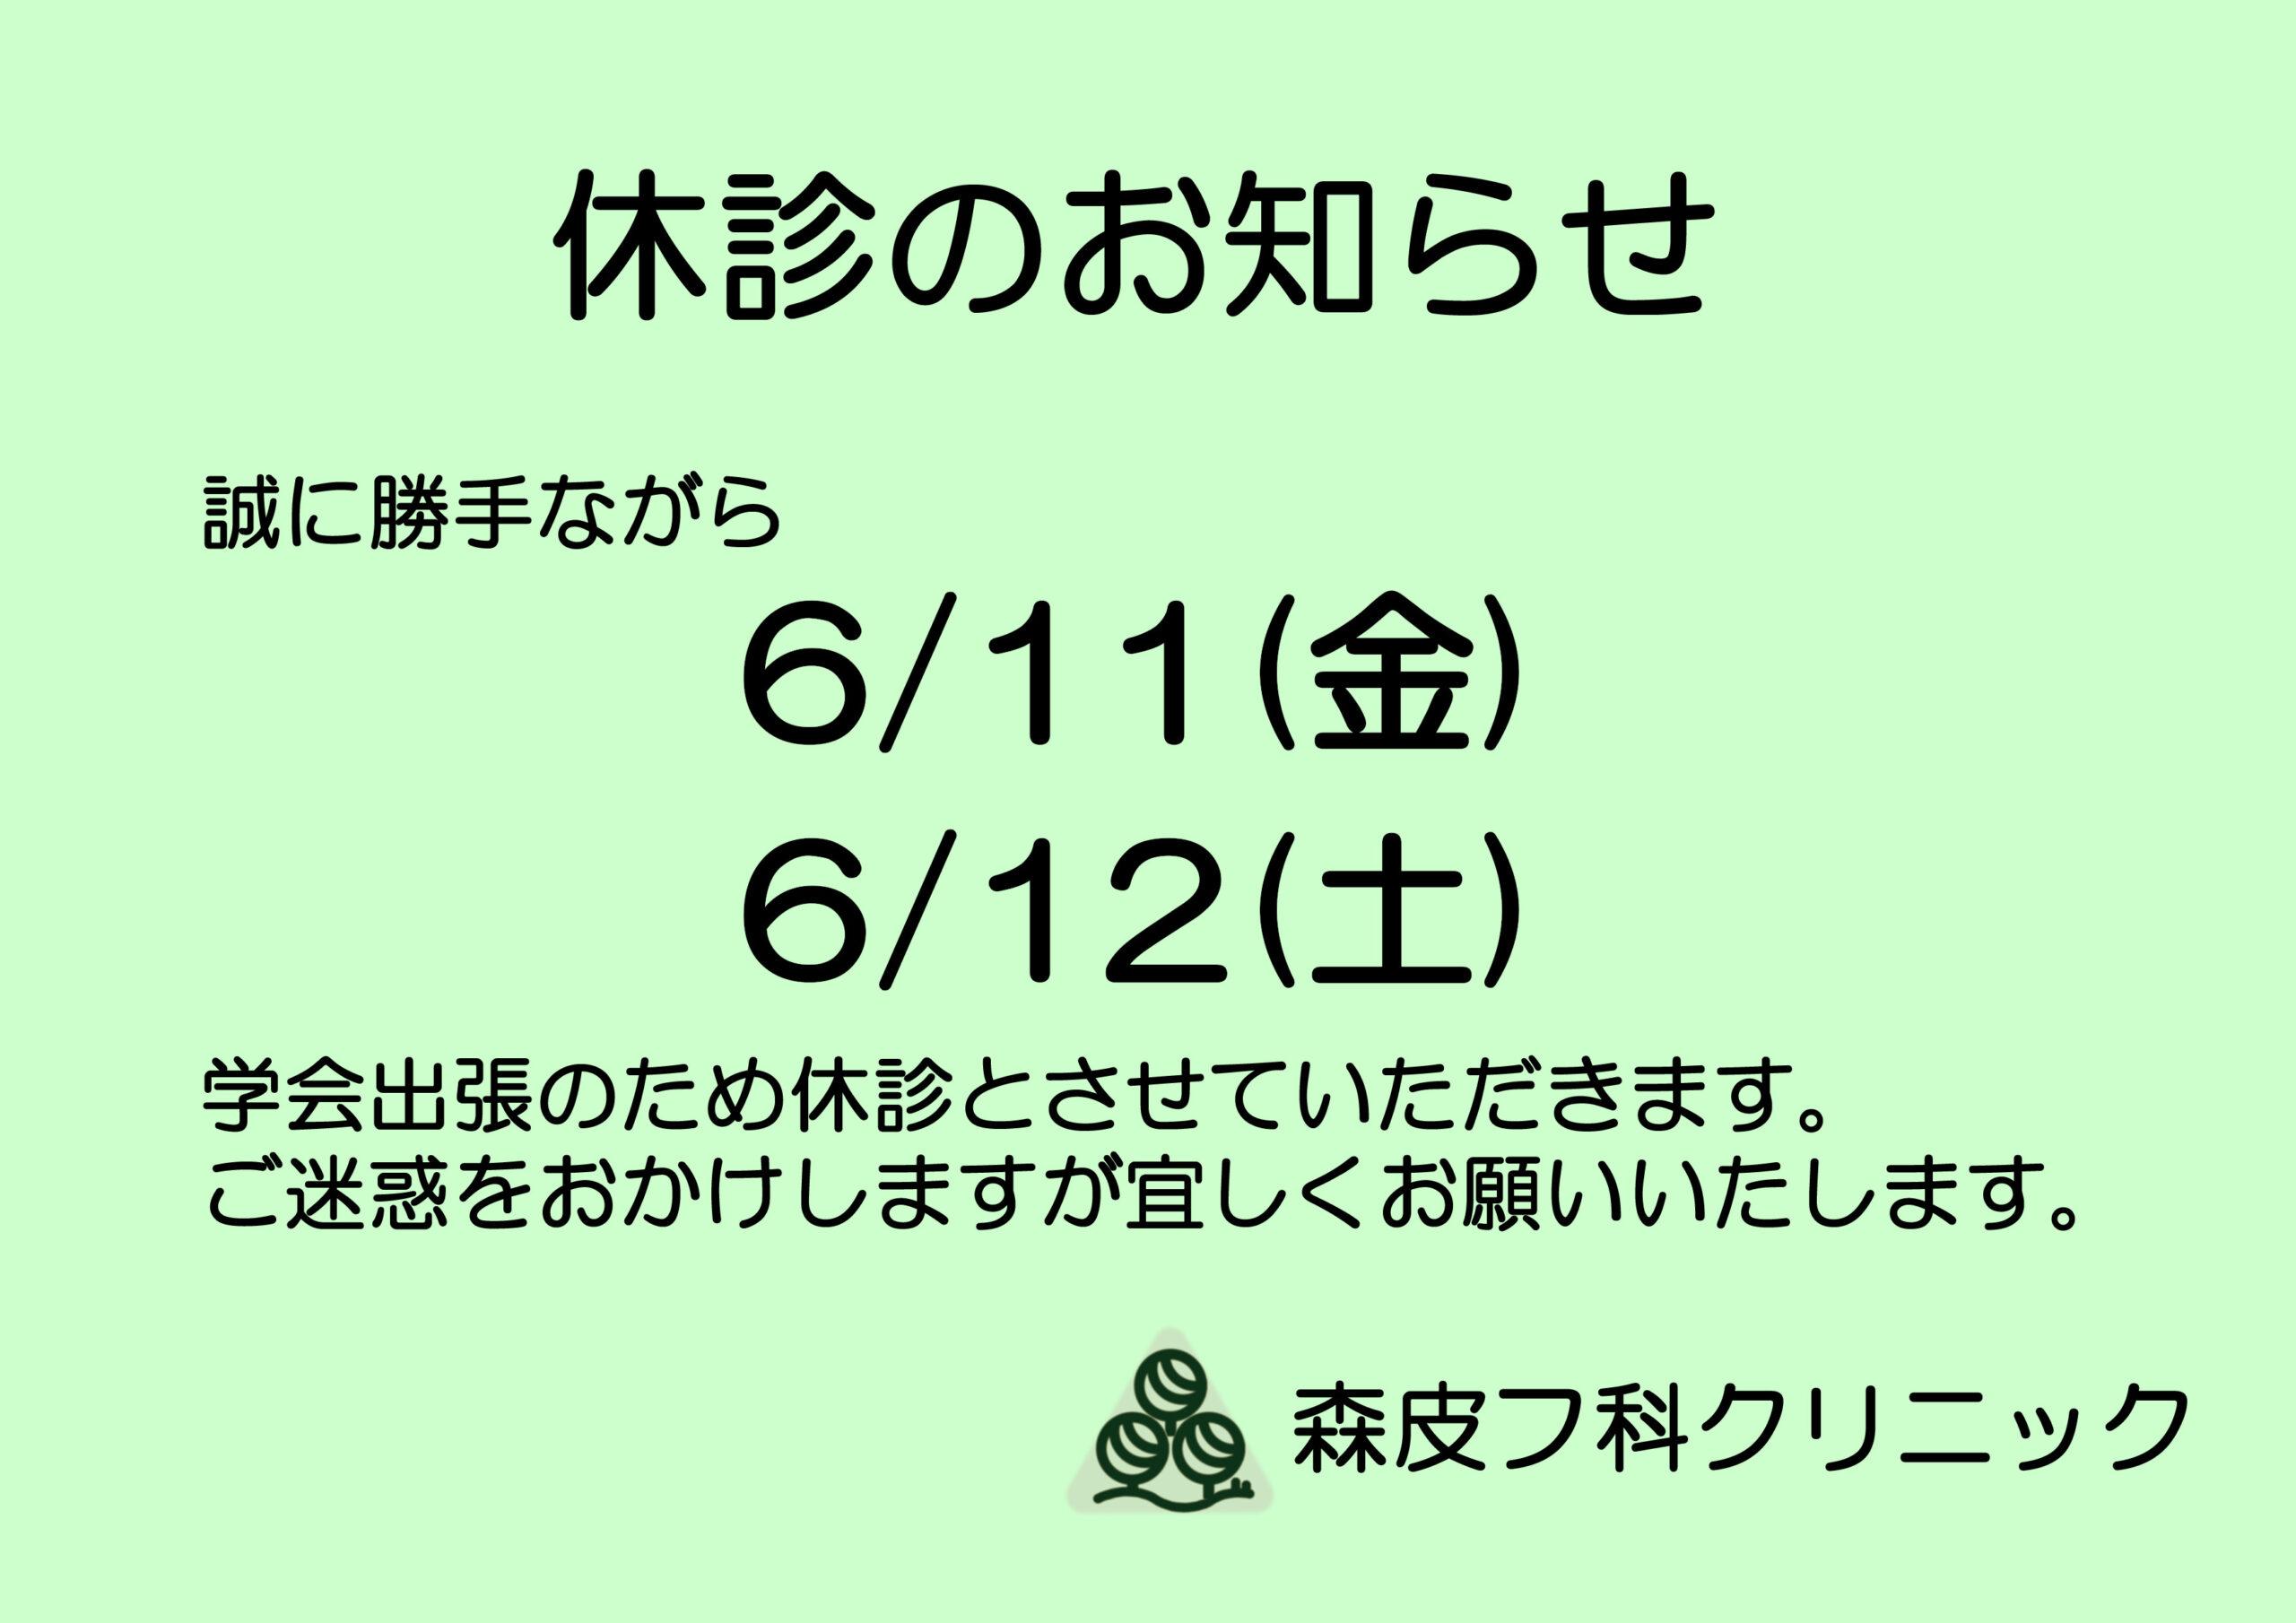 6/11,6/12臨時休診